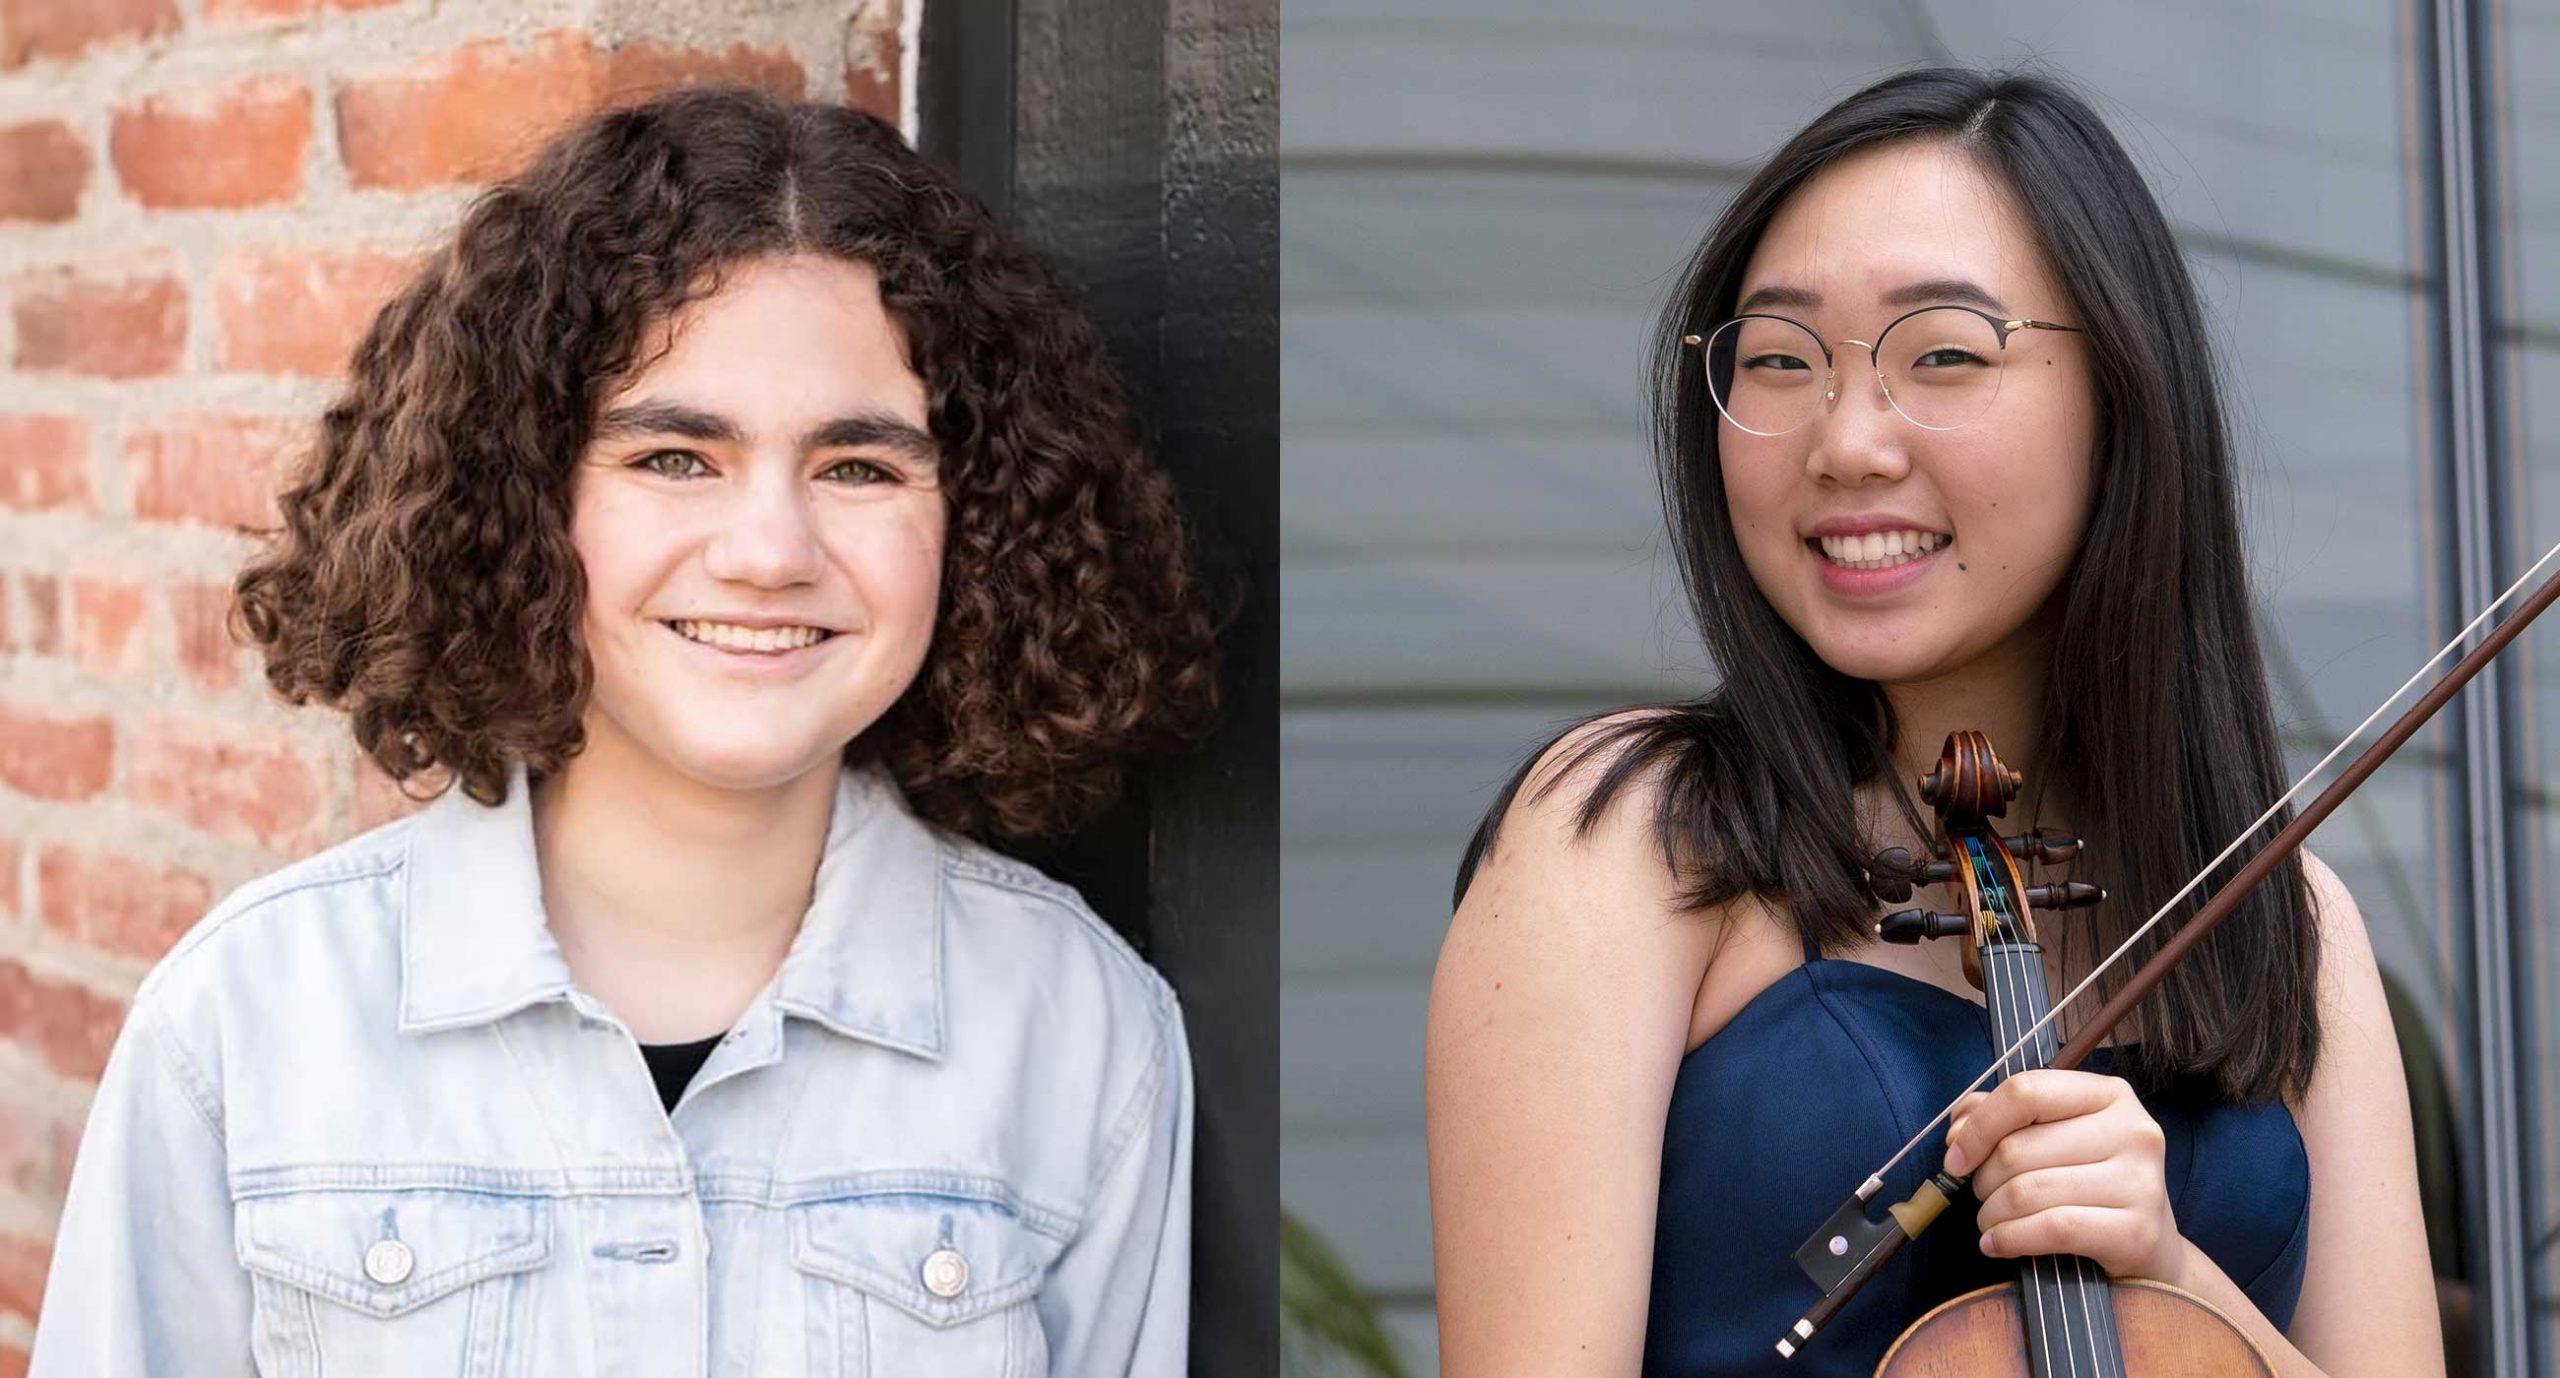 Photos of Tess Alexander and Eunice Lee